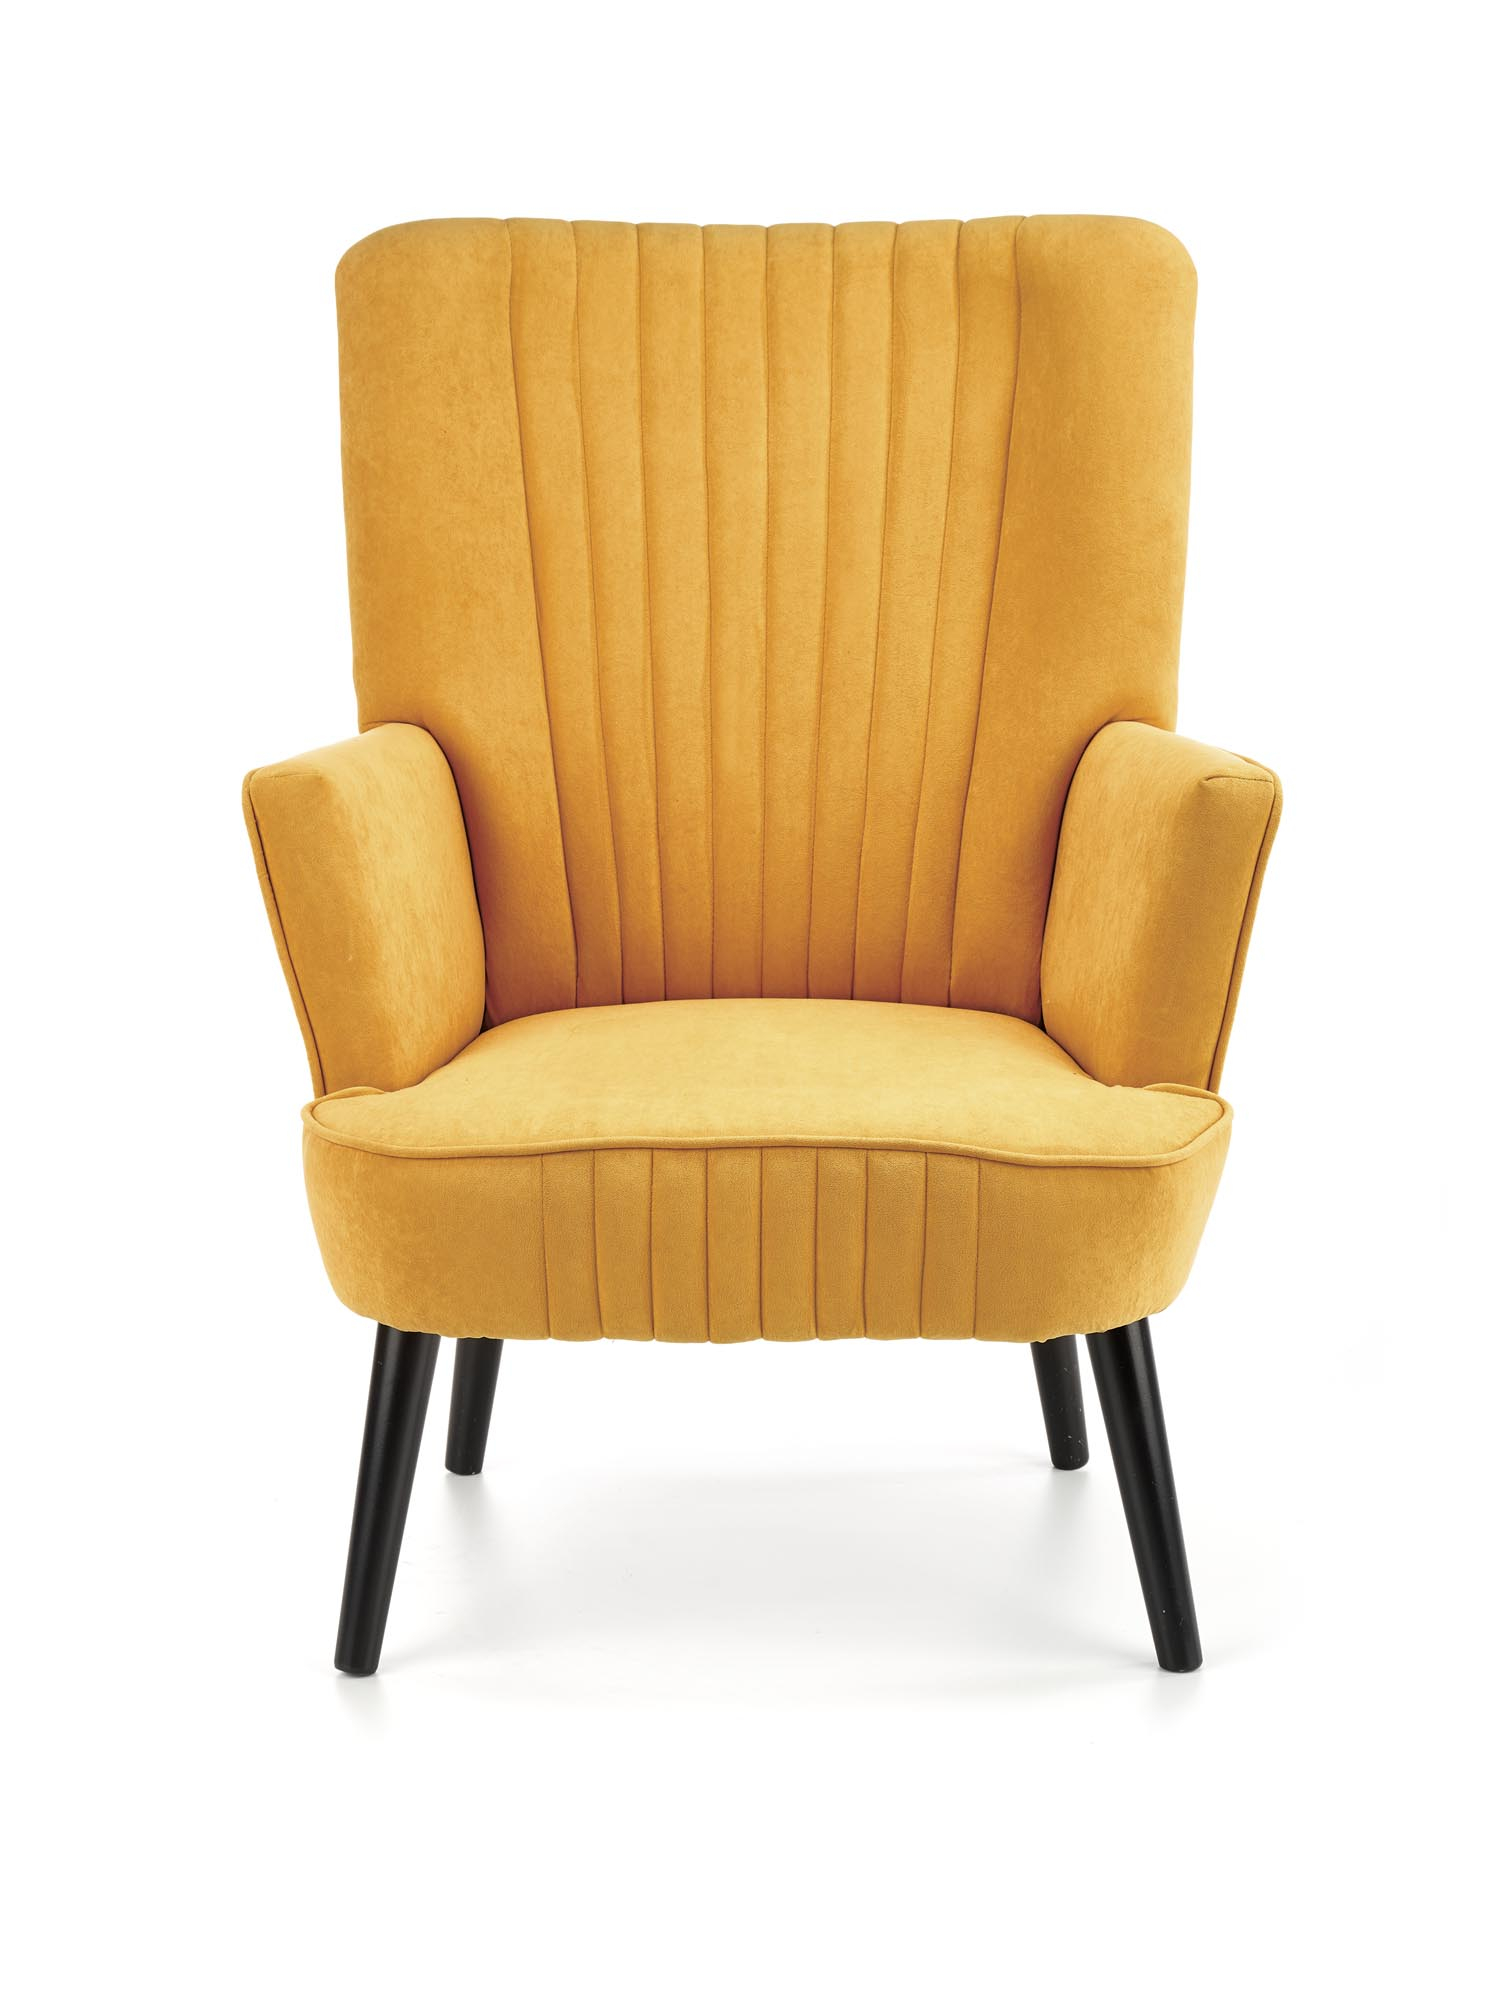 DELGADO fotel wypoczynkowy musztardowy (BLUEVEL #68)